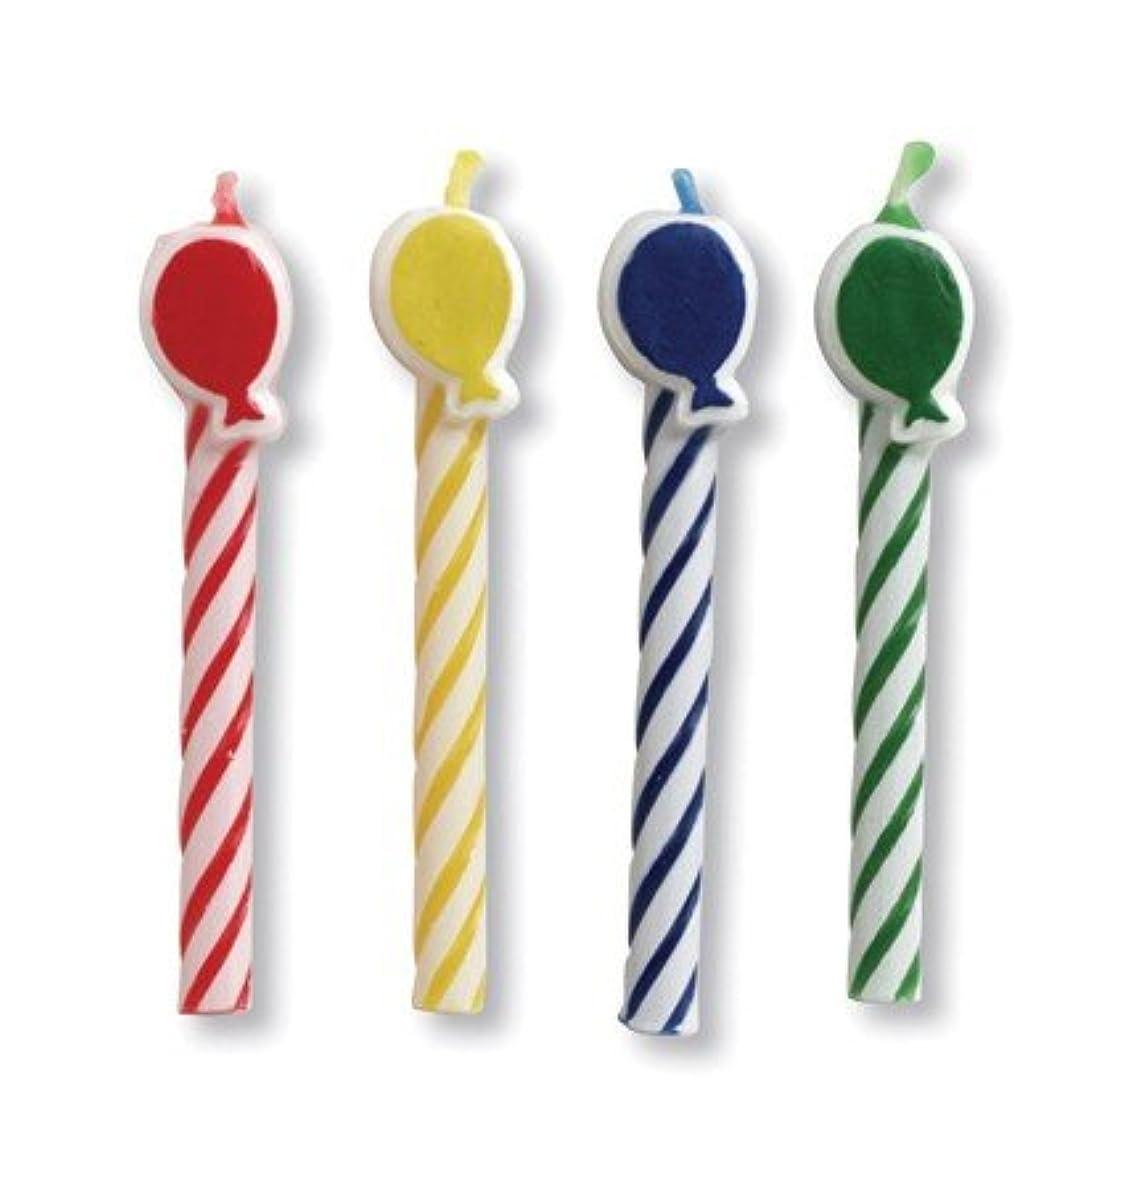 堂々たる満員好きであるクラブパックof 96 Multicoloredバルーン型スパイラル装飾誕生日パーティーキャンドル2